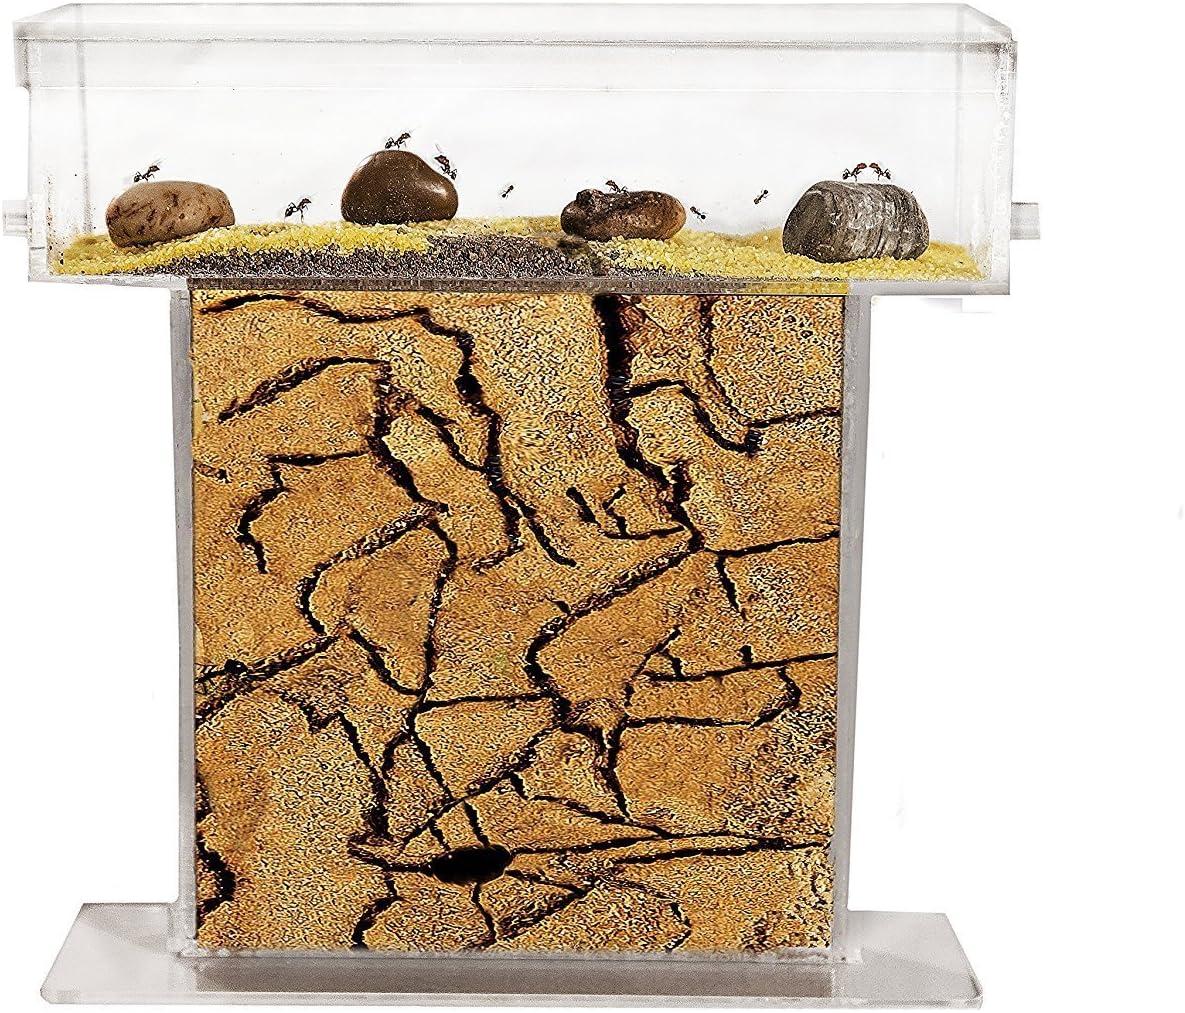 AntHouse - Hormiguero Natural de Arena - Kit T Acrílico 15x15x1,5 cm (Hormigas Gratis)